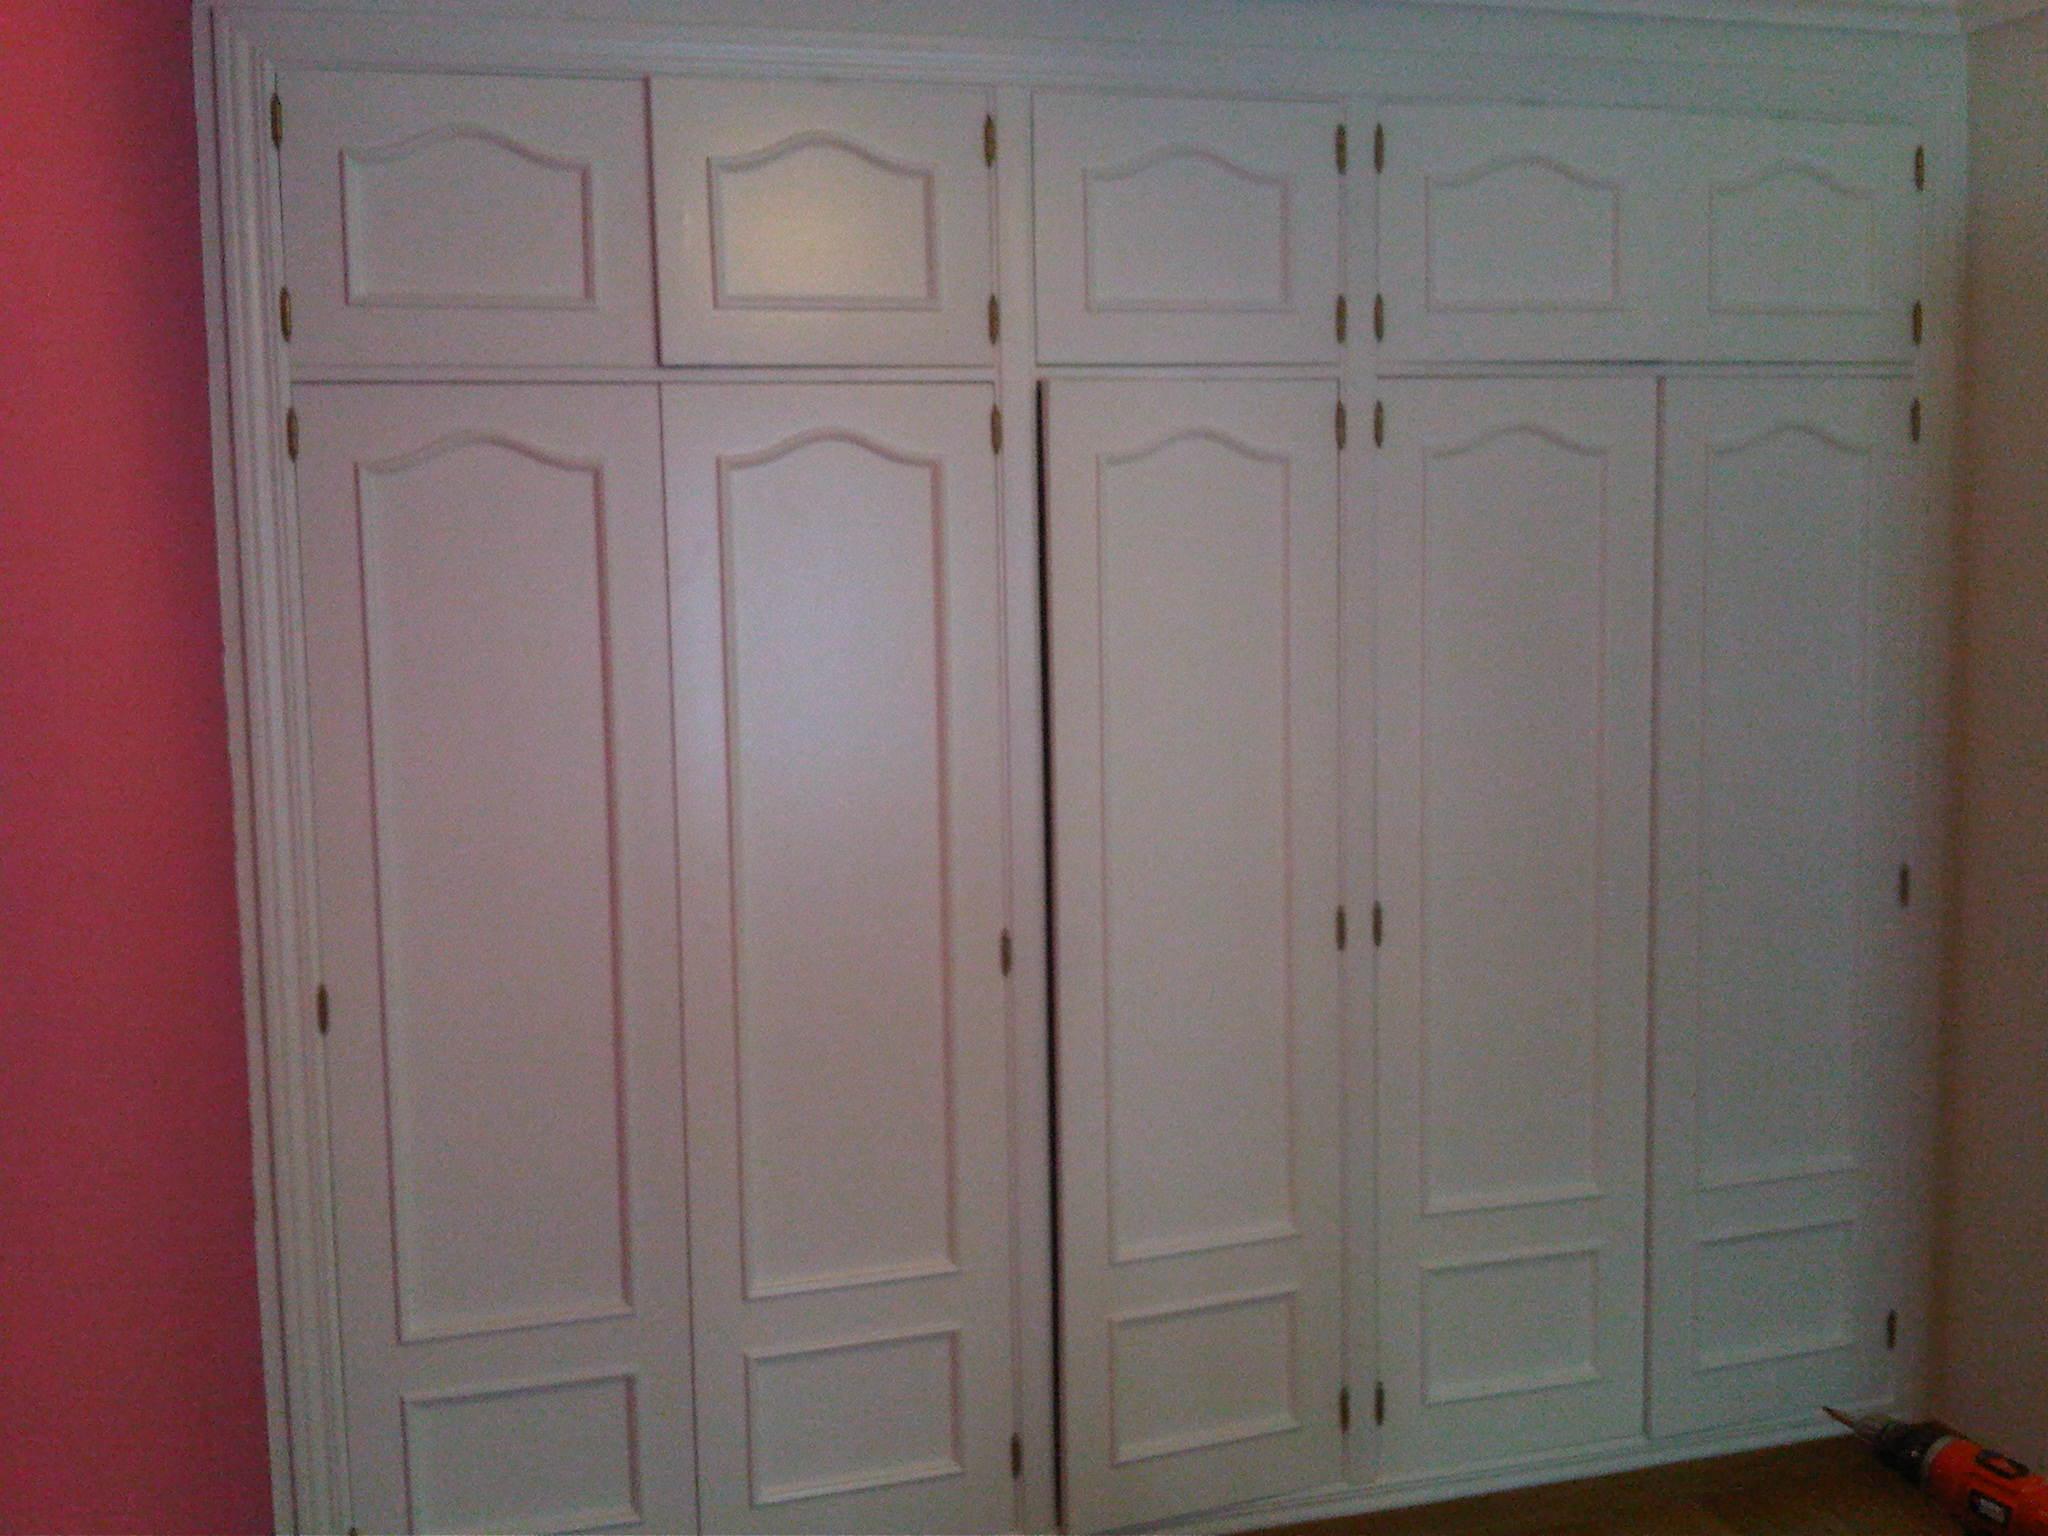 Pintar muebles lacados en blanco muebles y lacados for Pintar mueble lacado